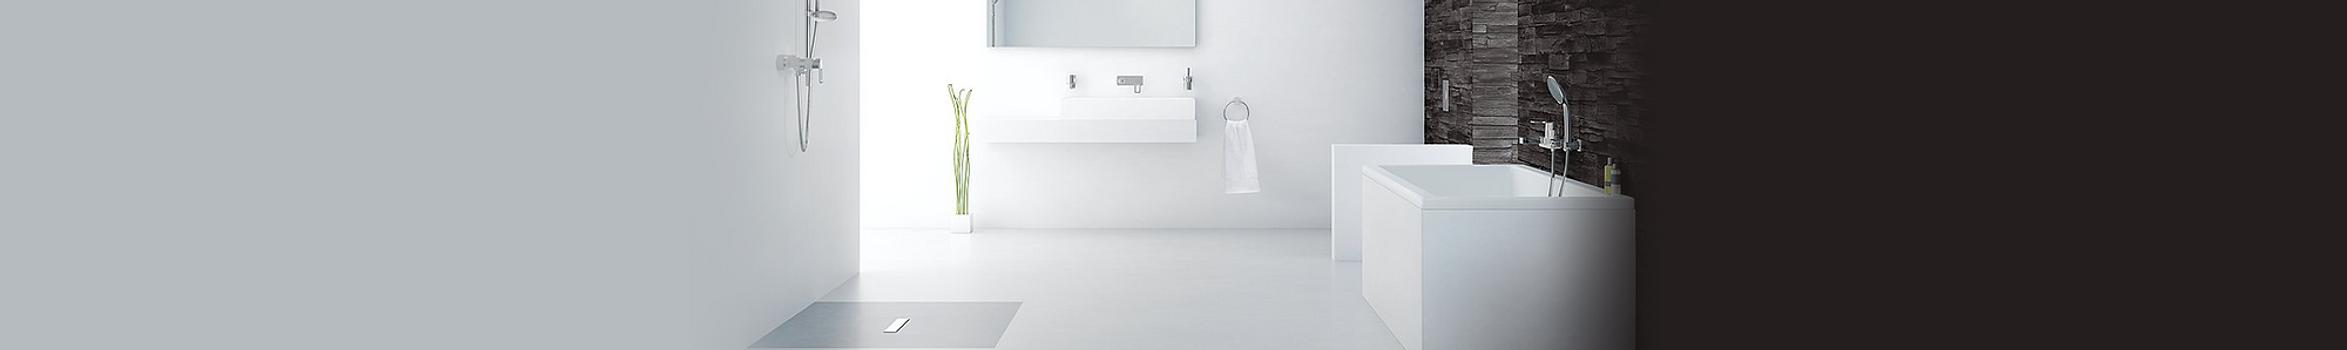 helles Badezimmer mit Dusche, WC Badewanne, Haustechnik Wittmaack ist Ihr Installateur in Starnberg und bietet Ihnen Unterstützung in den Bereichen Sanitär in Starnberg, Heizung in Starnberg, GAs und Wasserinstallationen in Starnberg, Bad und WC in Starnberg. Ich unterstütze Sie gerne bei der neugestalltung Ihres Badezimmers ob barrierefrei, innovativ, moder, exklusiv oder als idividuelle Komplettlösung. Wir bieten auch Wartung, Reparaturen und Sanitär Notdienst am Wochenende an.Haustechnik Wittmaack in Starnberg Logo - Wasser und Wärme - Gas und Wasserinstallateur Logo - Feuer und Wasser Logo, Heizkessel, Wasserschaden, Haustechnik Wittmaack Starnberg, Ihr Installateur und Heizungsbaumeister in Starnberg